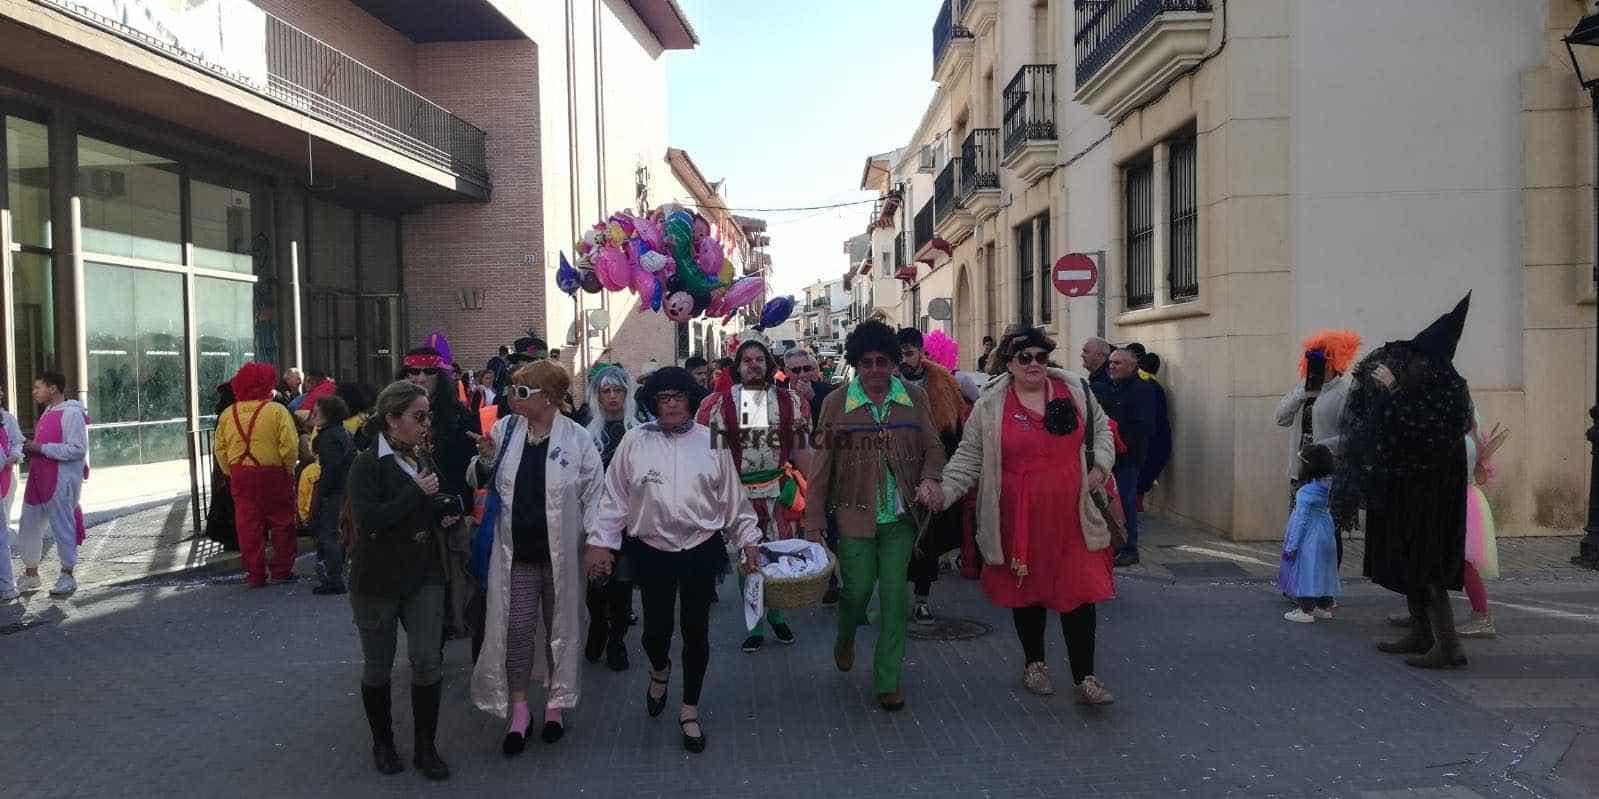 Carnaval herencia 2020 pasacalles domingo deseosas 13 - El Domingo de las Deseosas invita a todo el mundo al Carnaval de Herencia